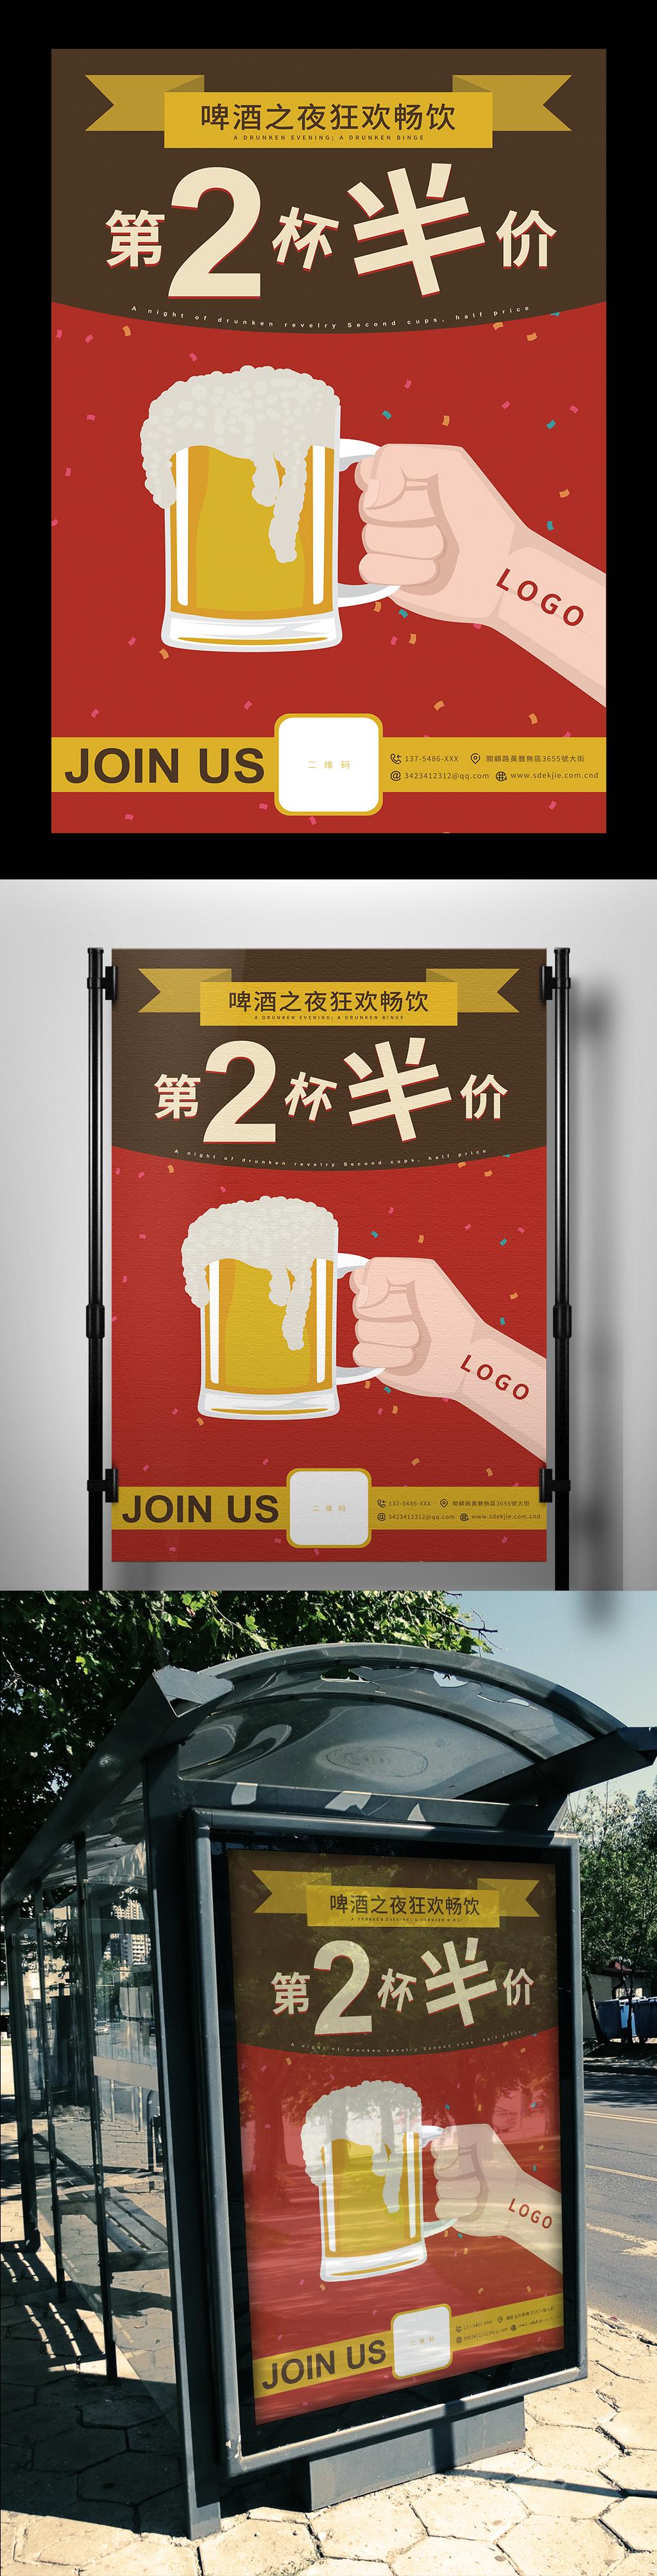 啤酒饮料第二杯半价促销海报设计